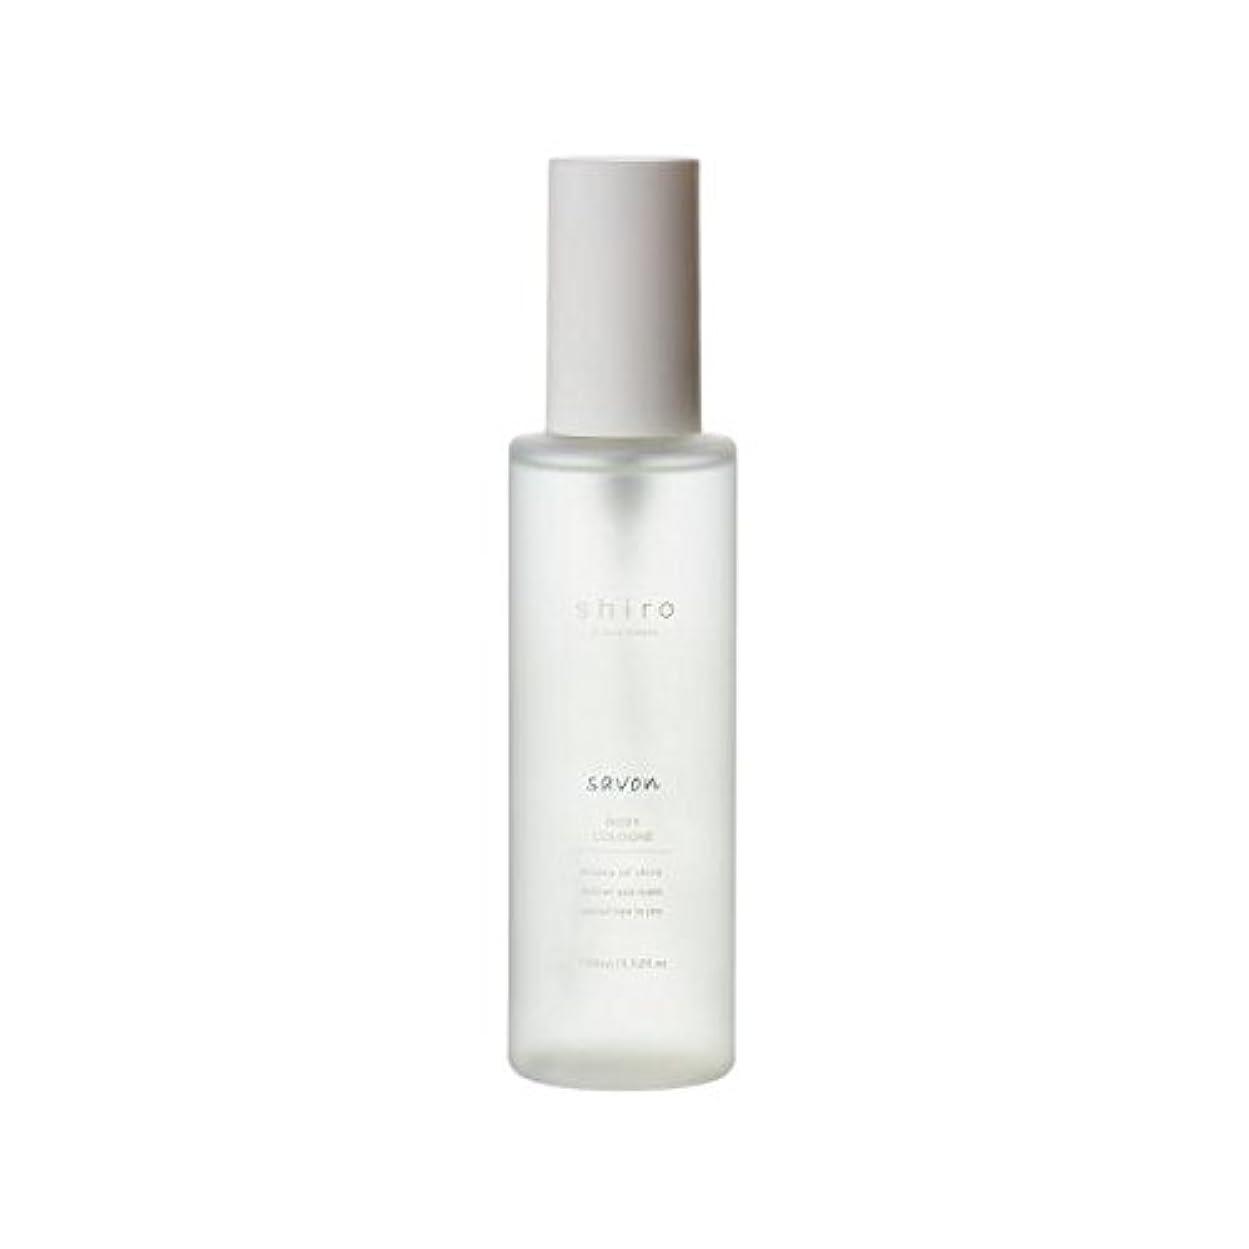 ぺディカブ懐強化するshiro サボン ボディコロン 100ml 清潔で透明感のある自然な石けんの香り ミスト シロ